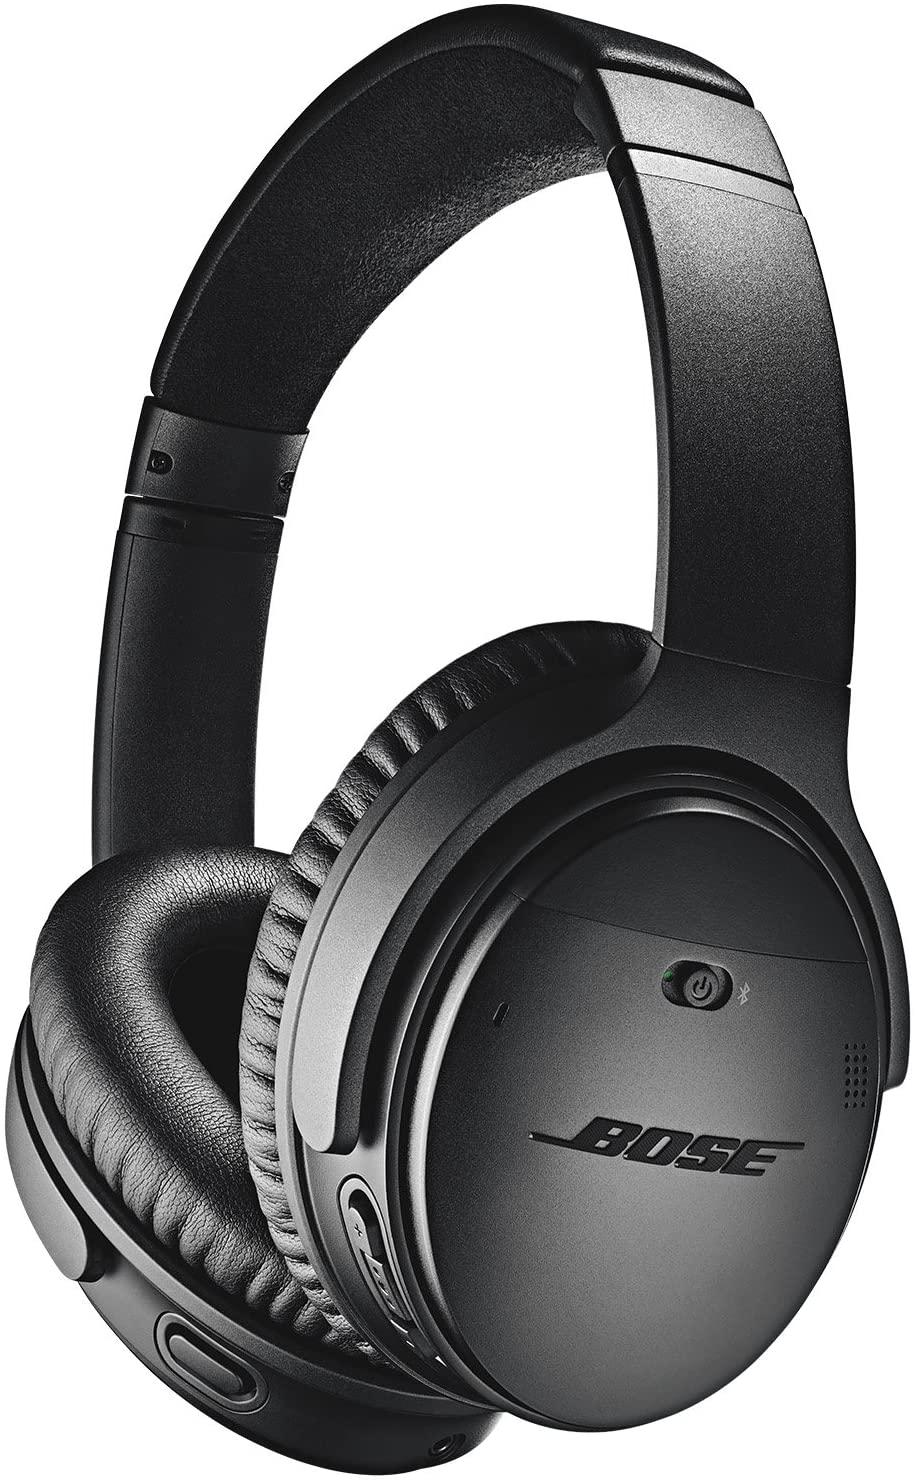 보스 QUIETCOMFORT 35 (시리즈 II) 무선 헤드폰 노이즈 캔슬링 - 블랙 (리뉴얼)